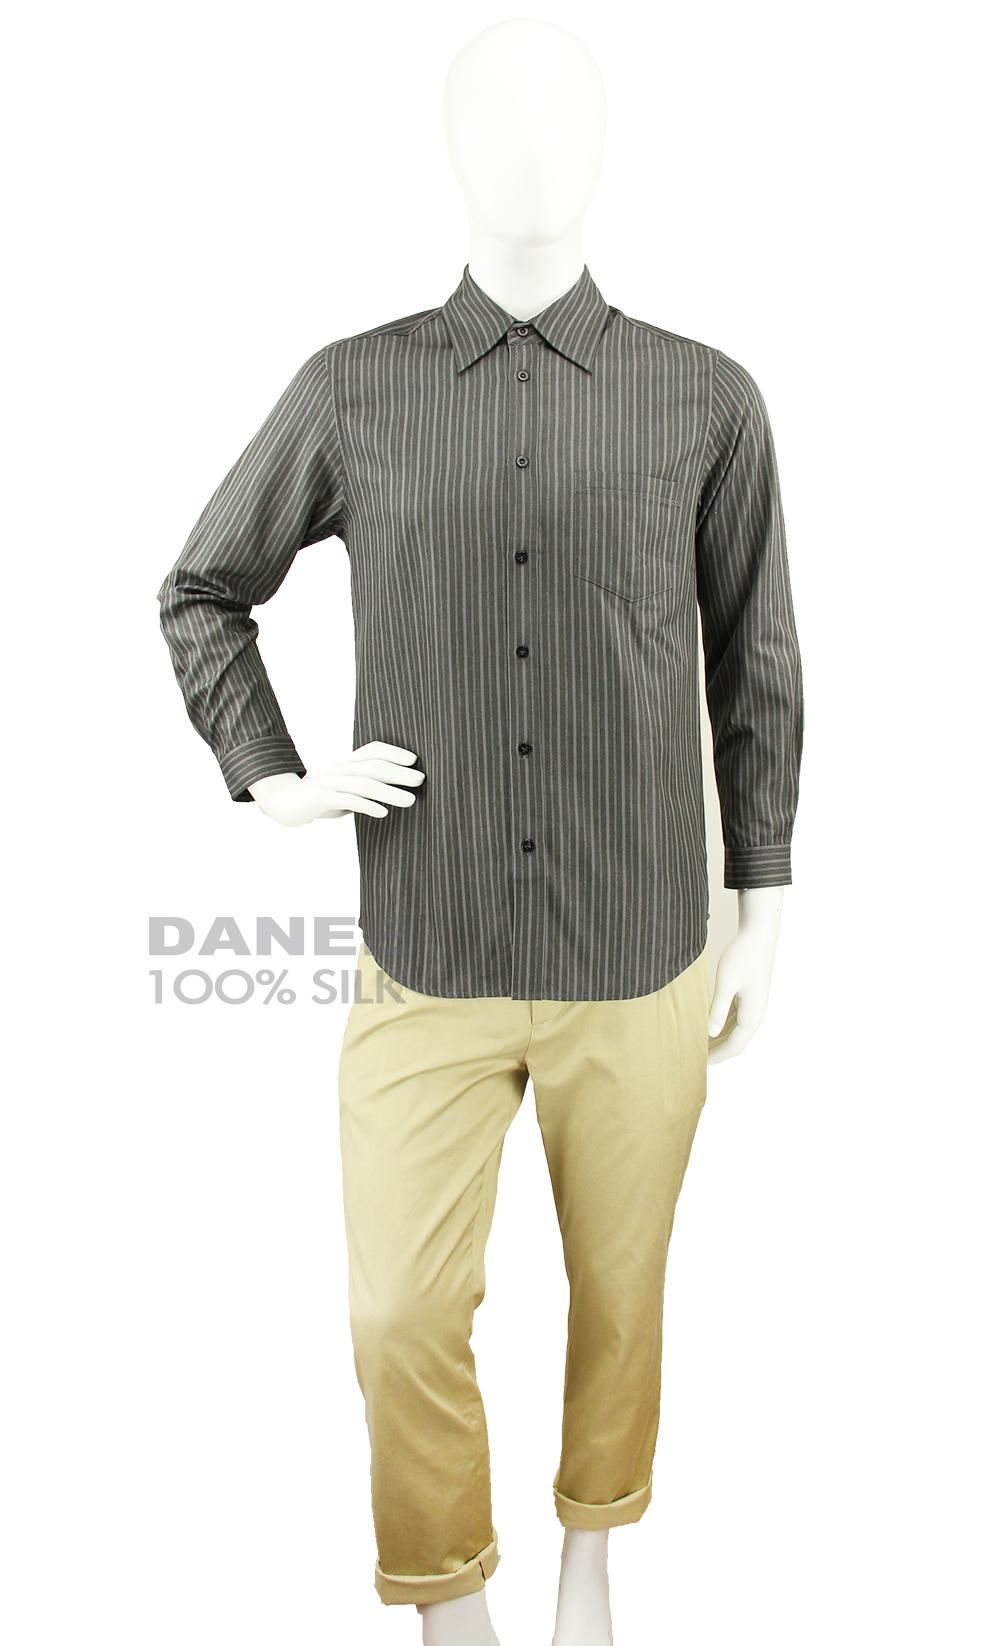 蠶絲上衣,長袖上衣,蠶絲襯衫,男襯衫,長袖襯衫